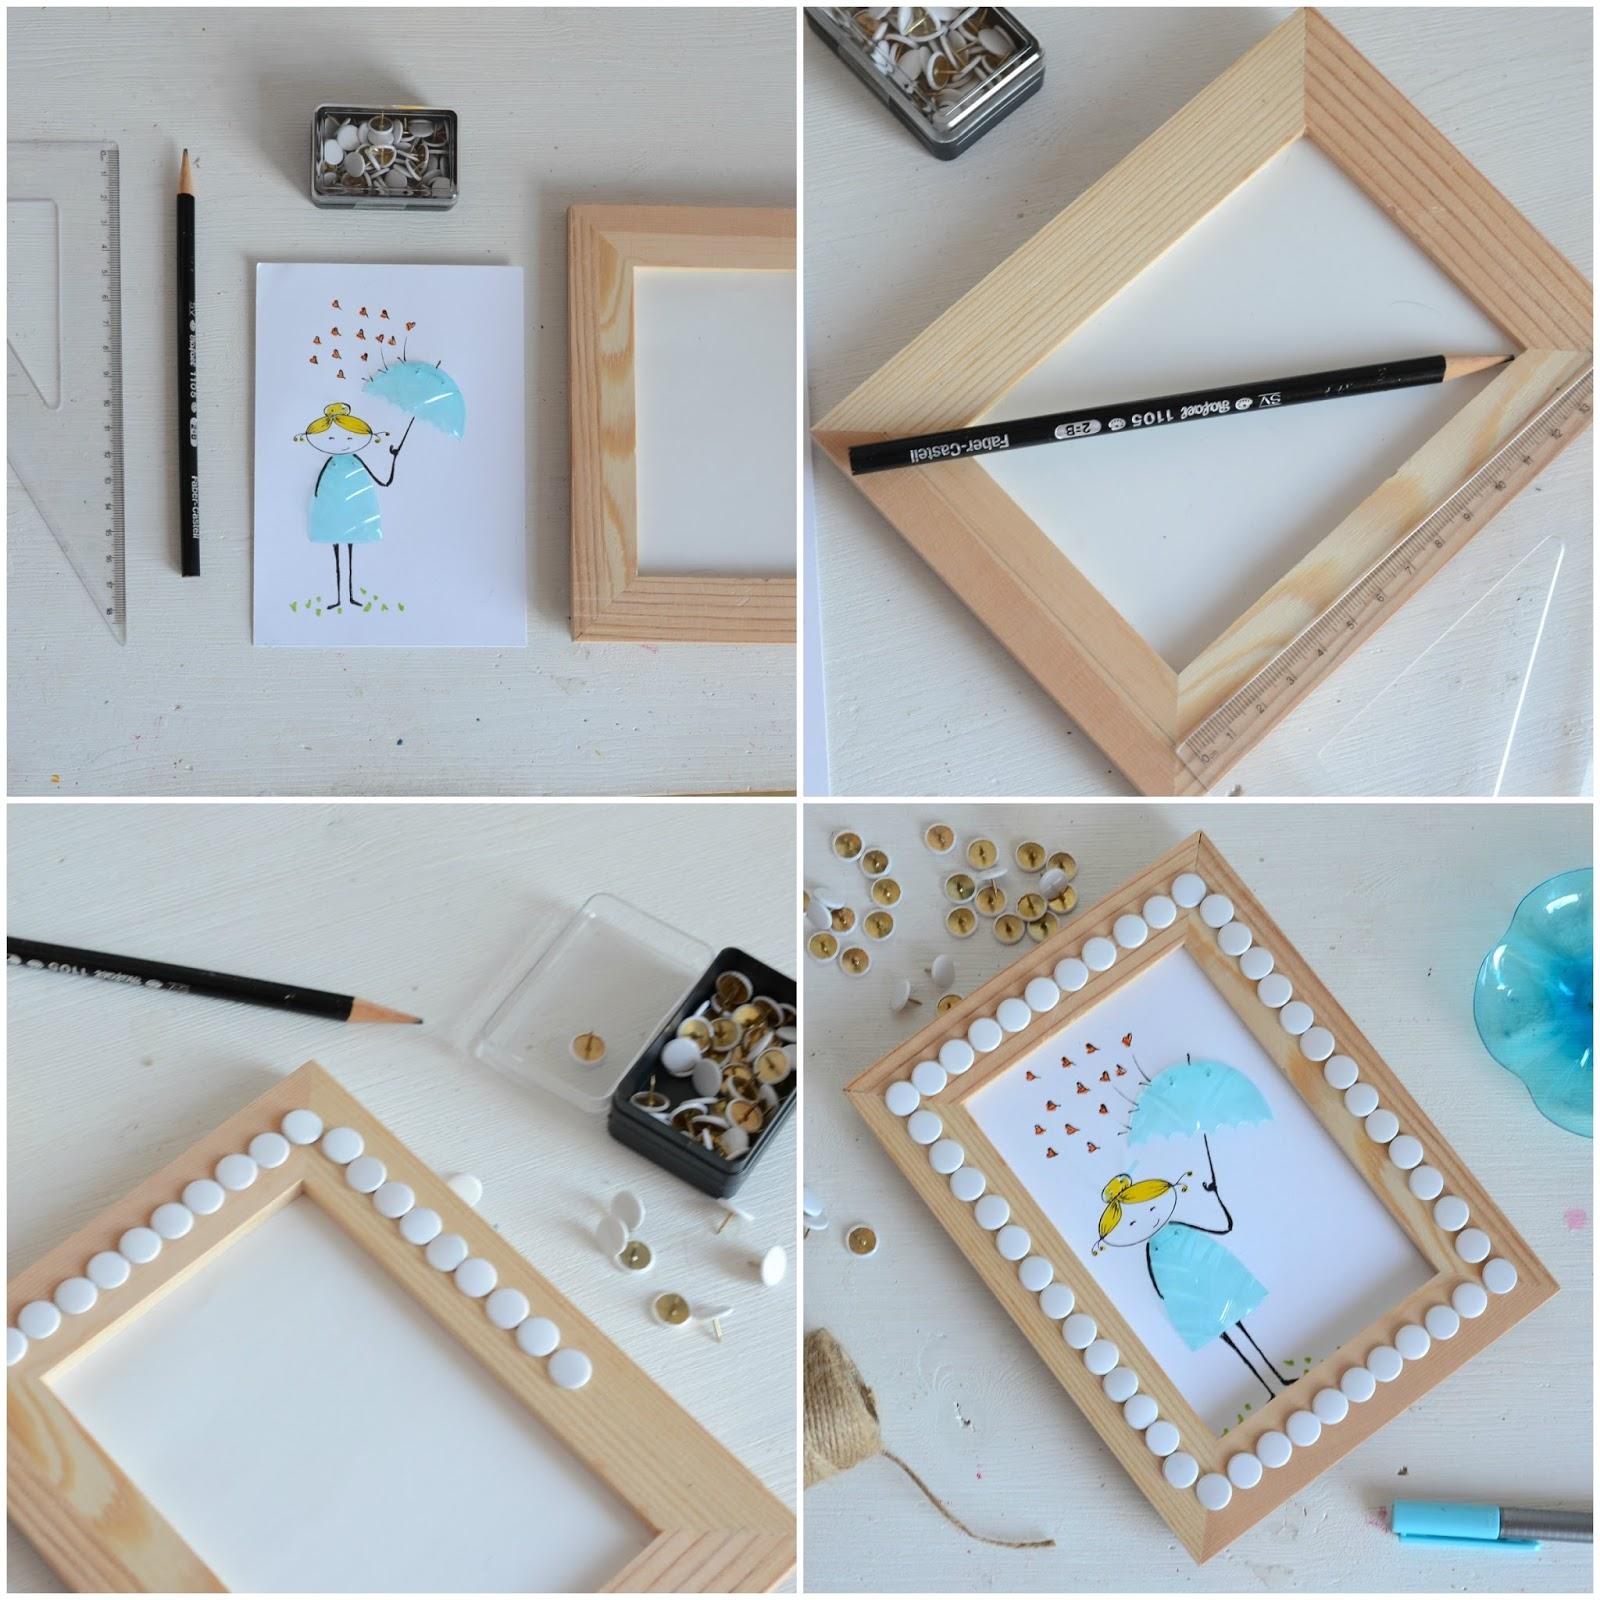 Linfa creativa come decorare una cornice di legno for Una cornice di case